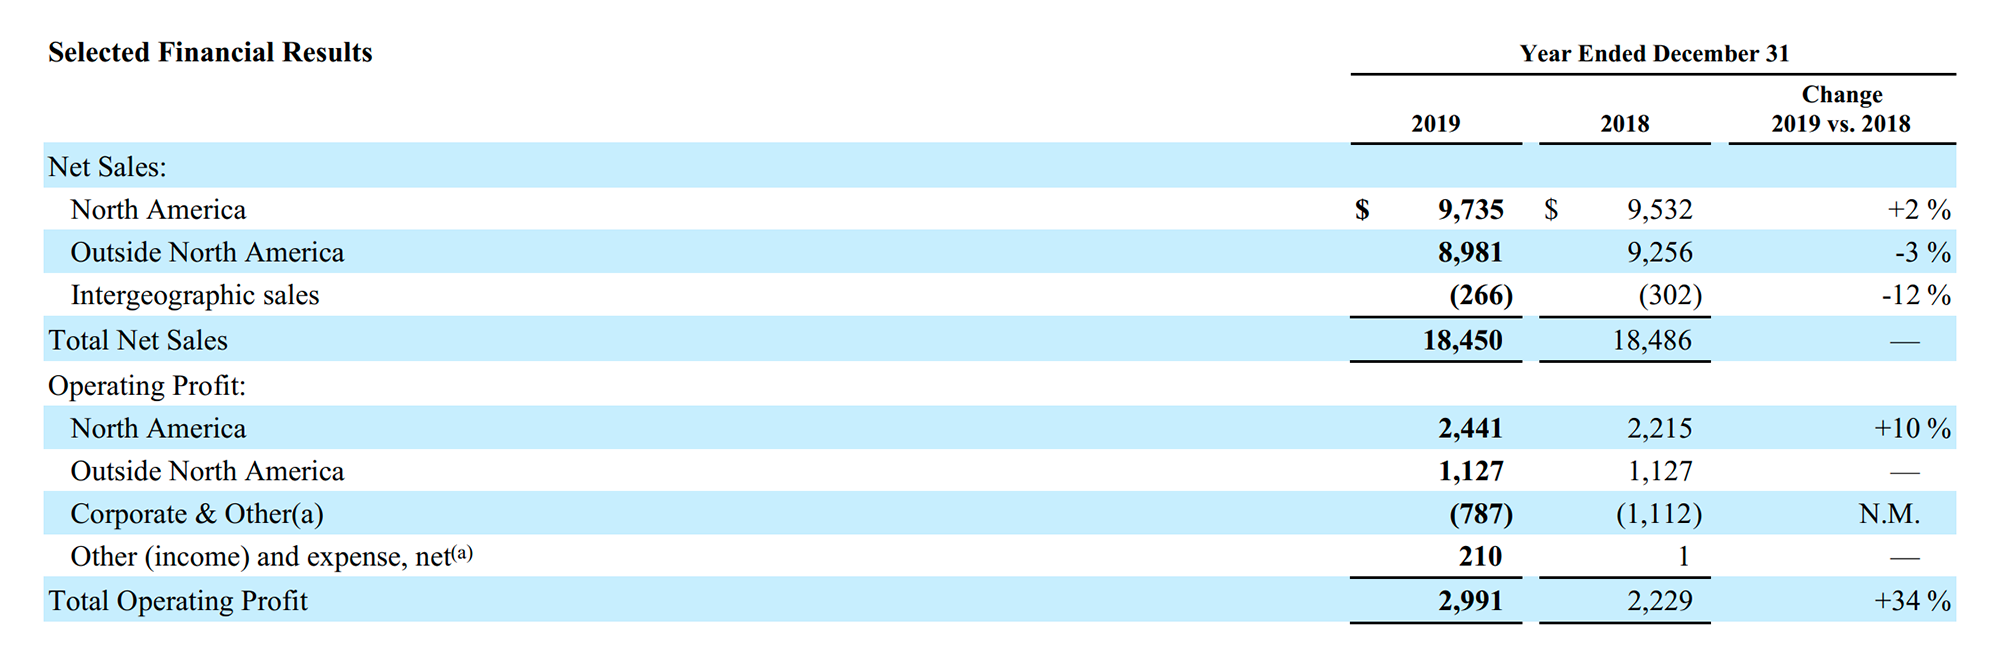 Продажи компании по регионам: Северная Америка, страны за пределами Северной Америки, продажи между разными филиалами компании. Операционная прибыль по регионам: Северная Америка, страны за пределами Северной Америки, внутрикорпоративные расчеты, другие доходы и траты. Все считается в миллионах долларов, в скобках убыток. Источник: годовой отчет компании, стр. 13 (15)